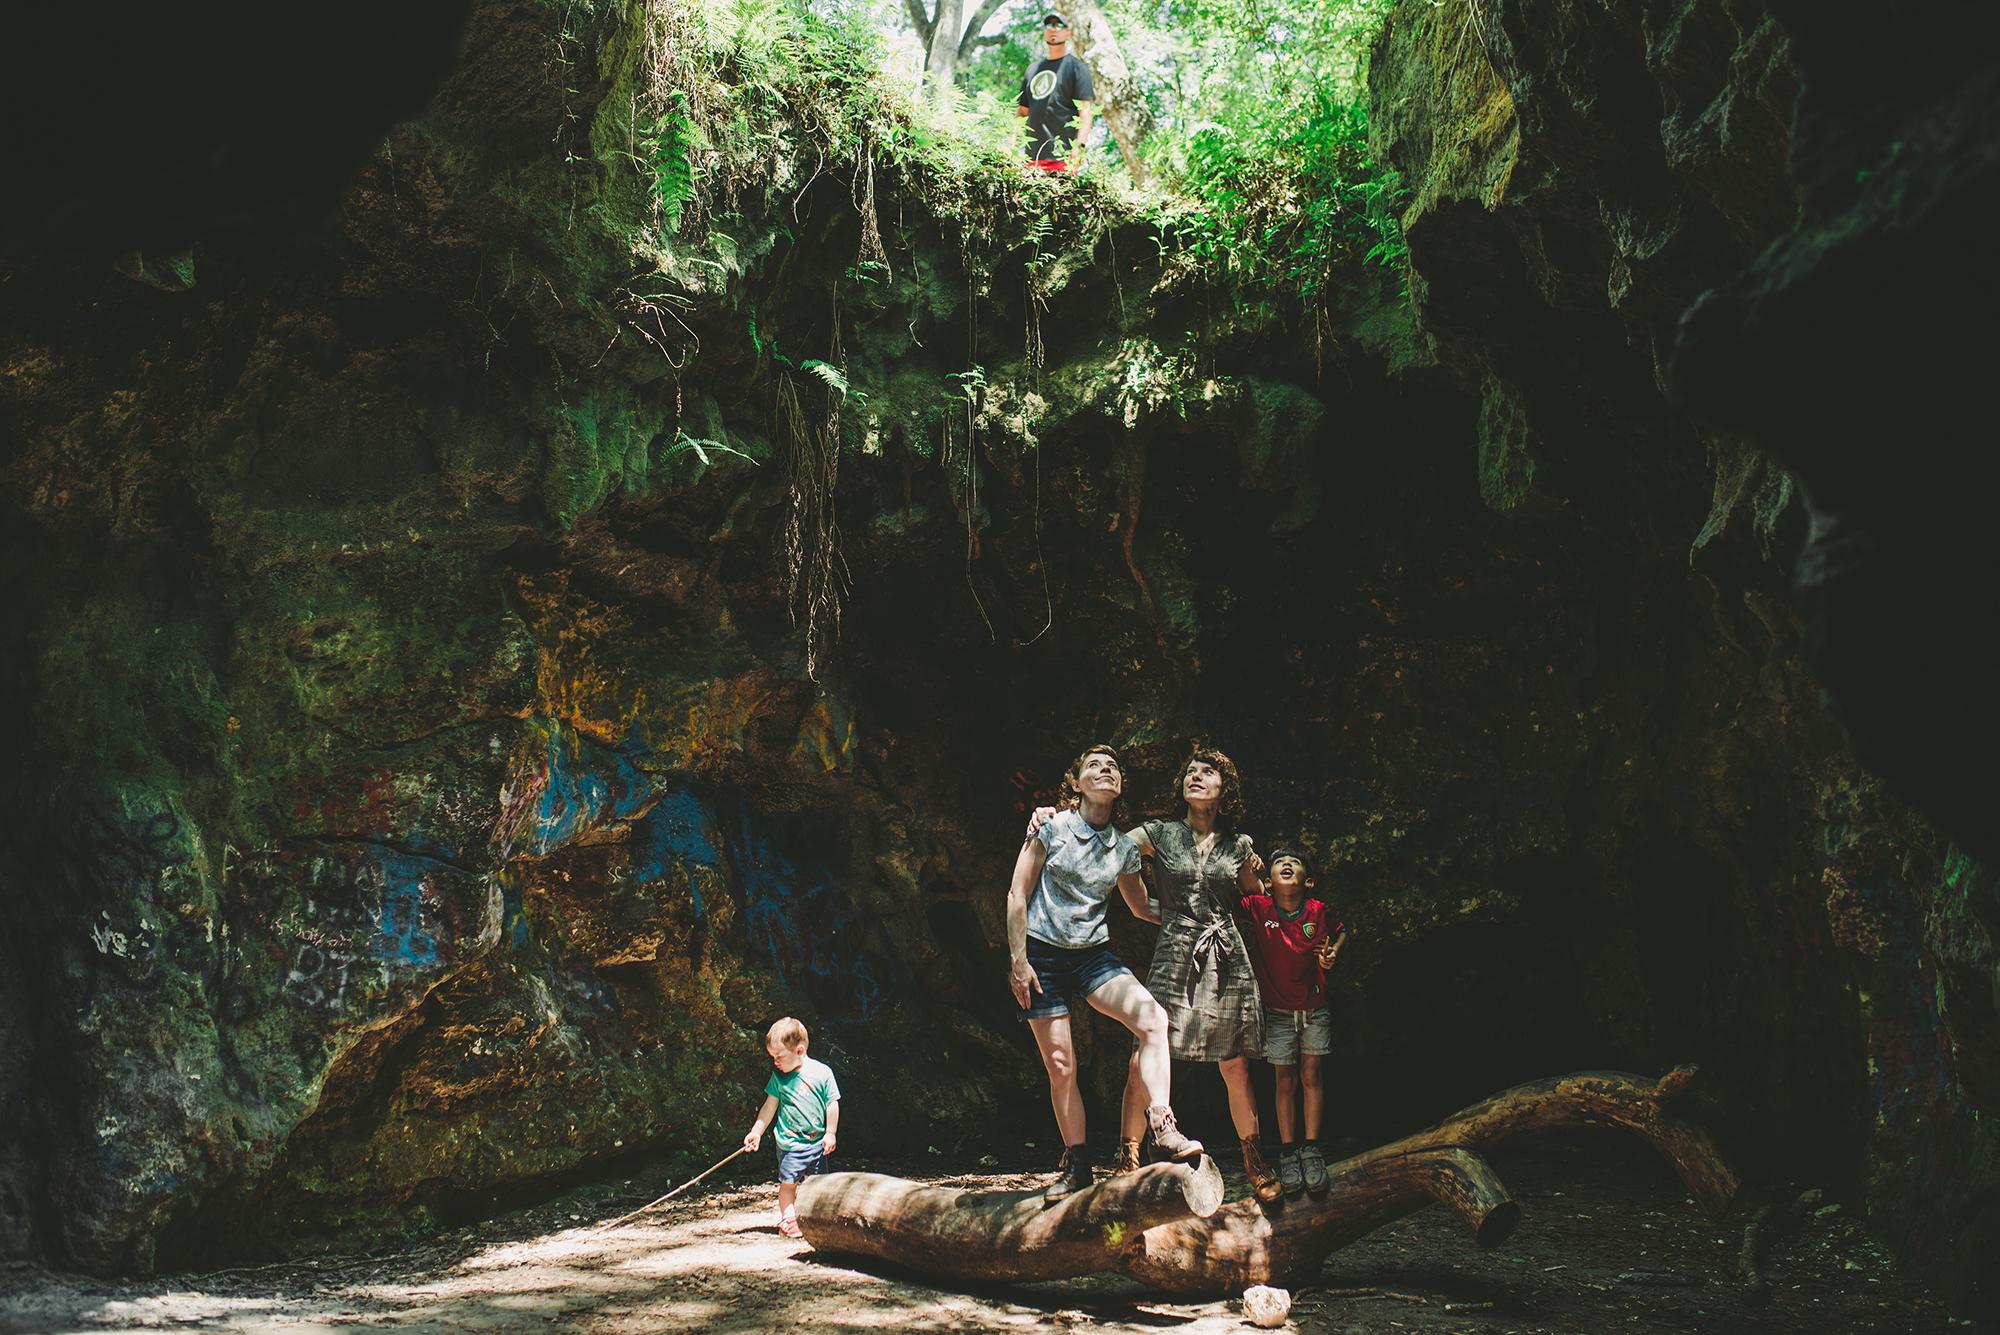 Dames Cave Florida